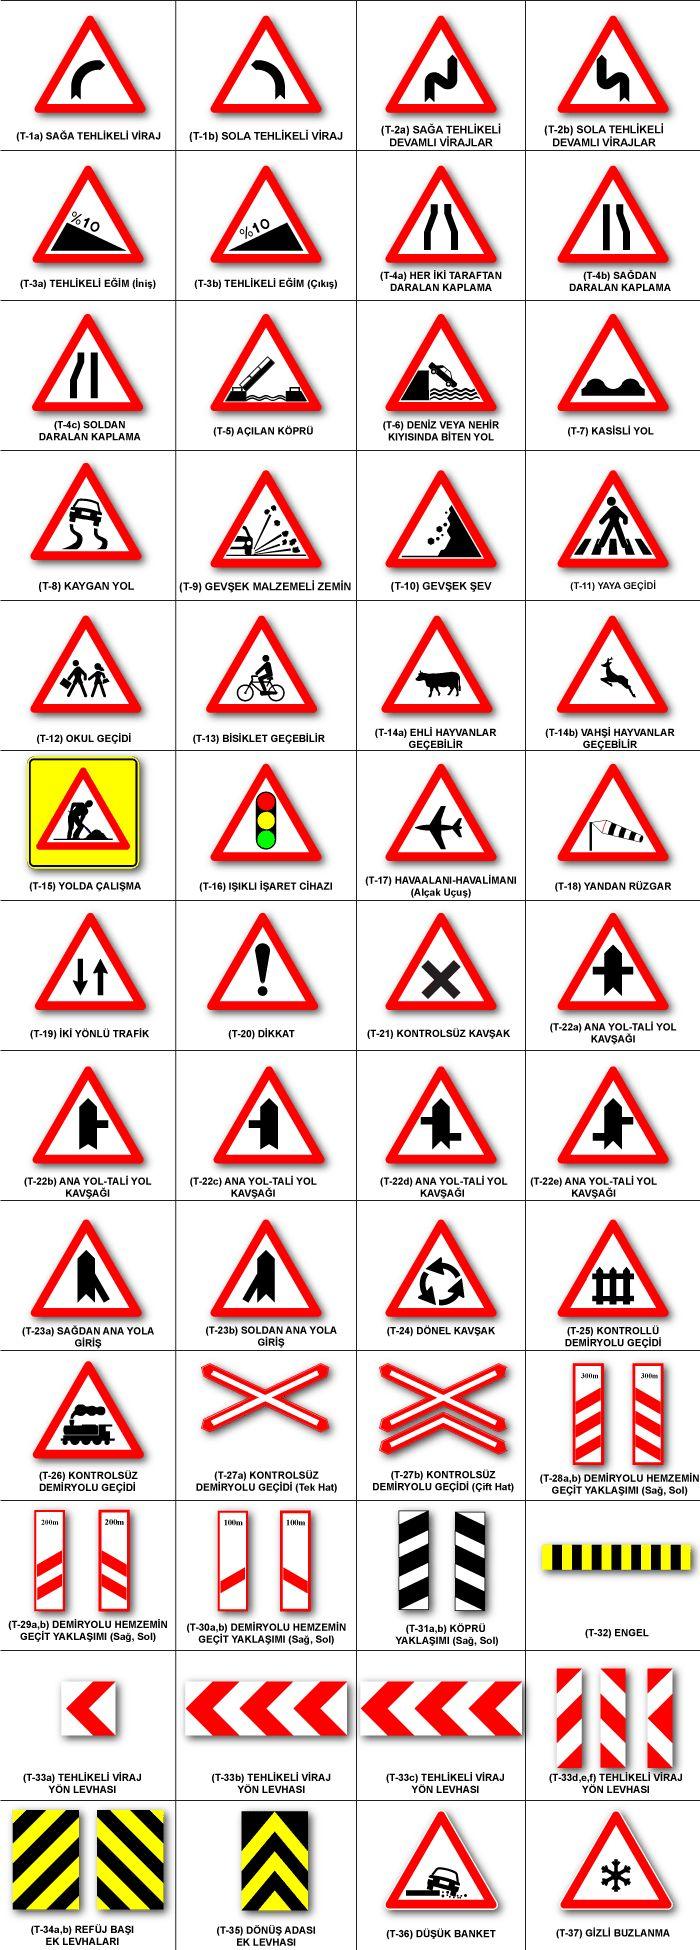 . ehliyet: Trafik Tanzim İşaretleri